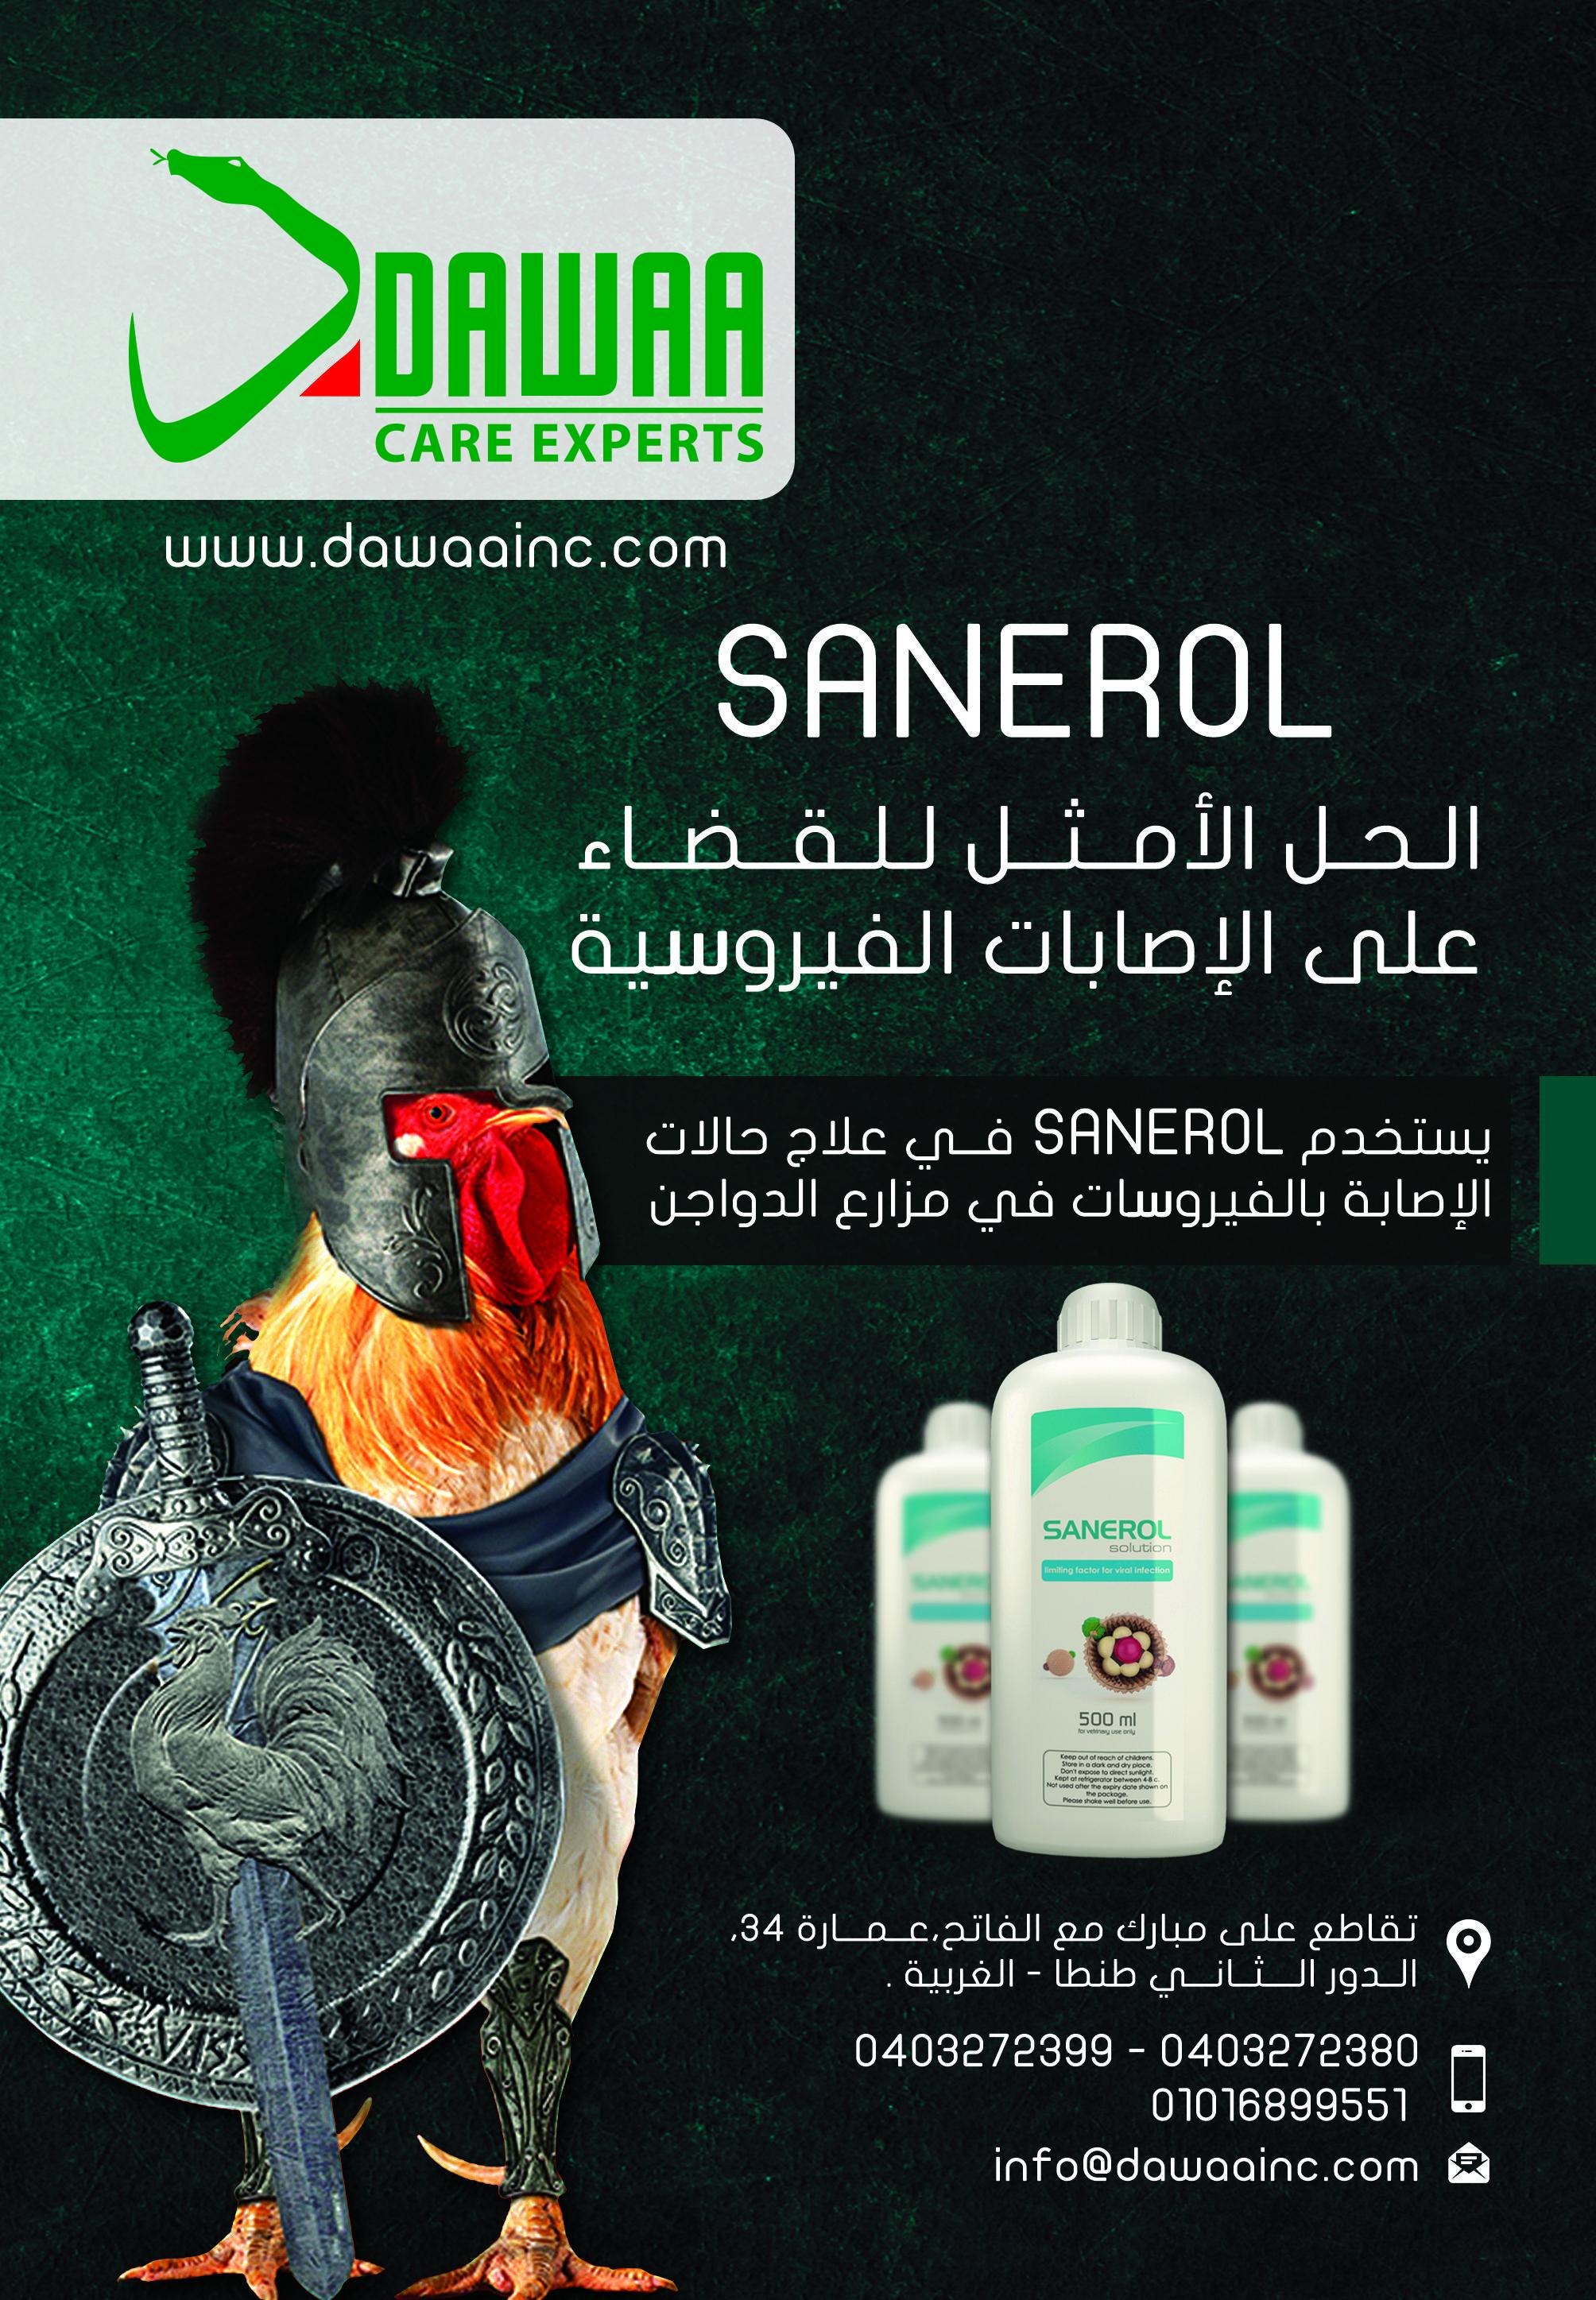 شركة دواء للأدوية البيطرية Sanerol الحل الامثل للقضاء على الاصابات الفيروسية يستخدم Sanerol فى علاج حالات الاصابة بالفير Crochet Hats Alpl Personalized Items